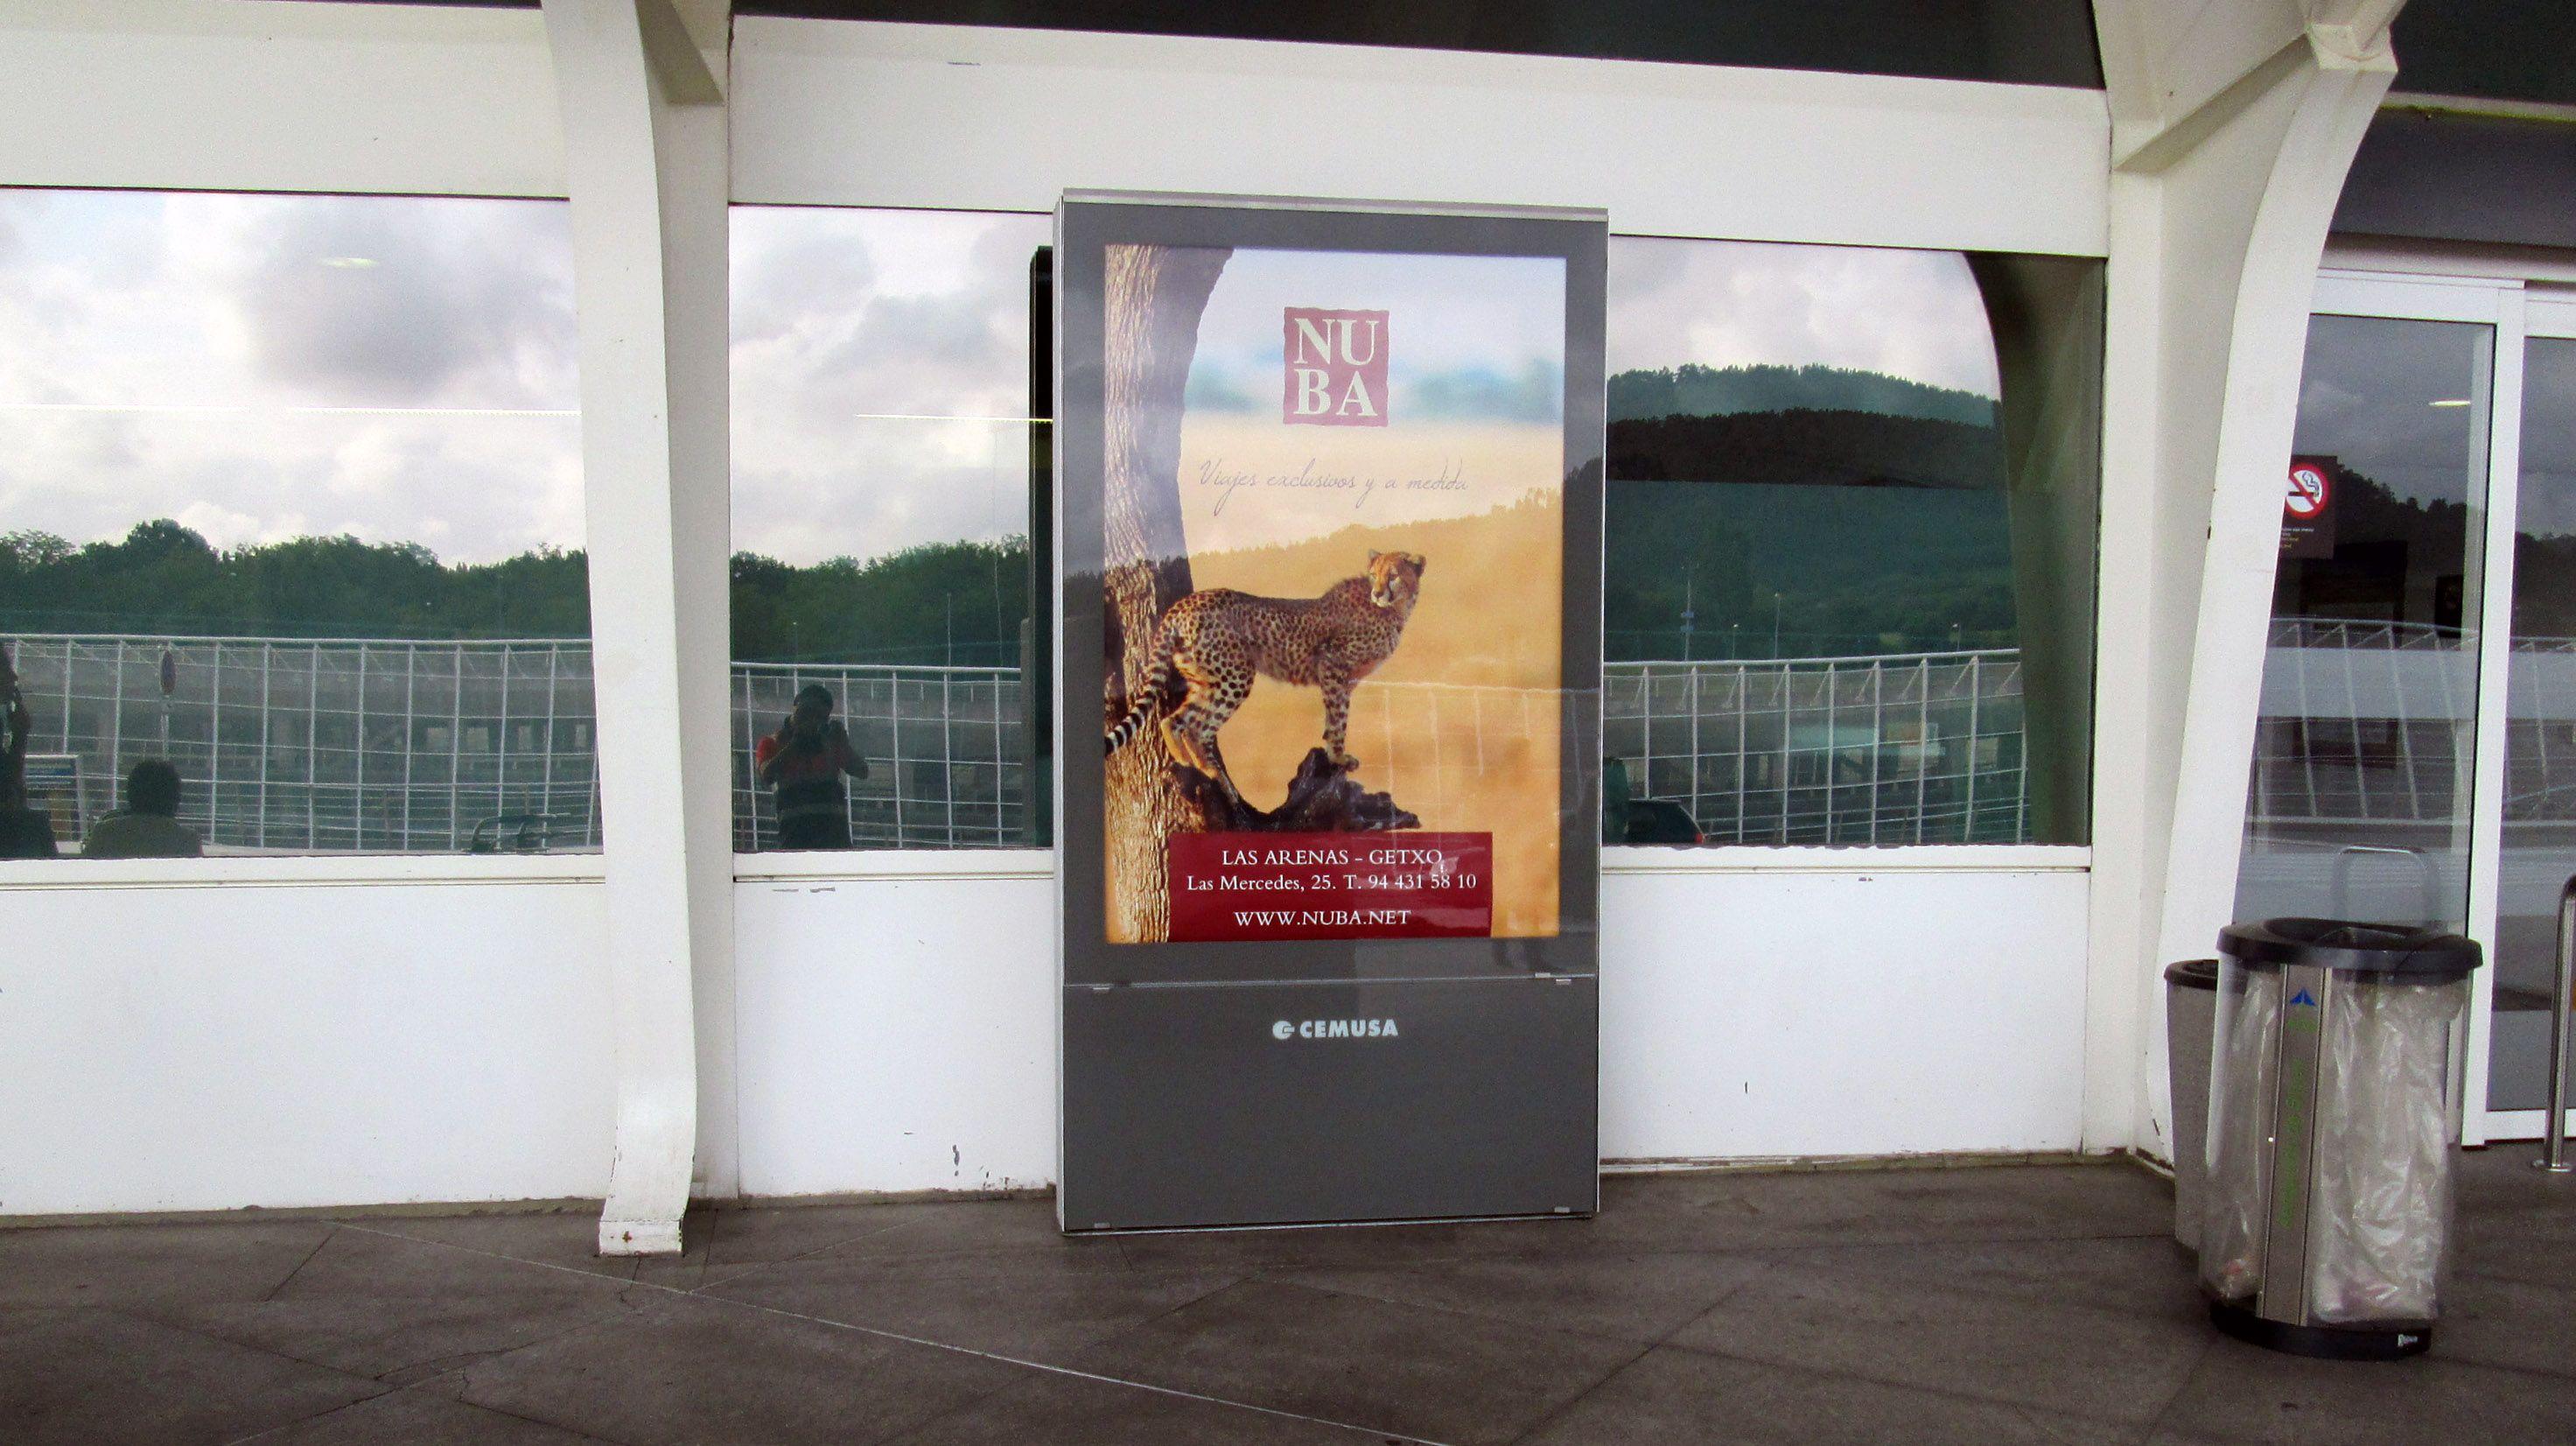 Diseño campaña promoción en los mupis de los principales aeropuertos de España. Madrid, 2015.